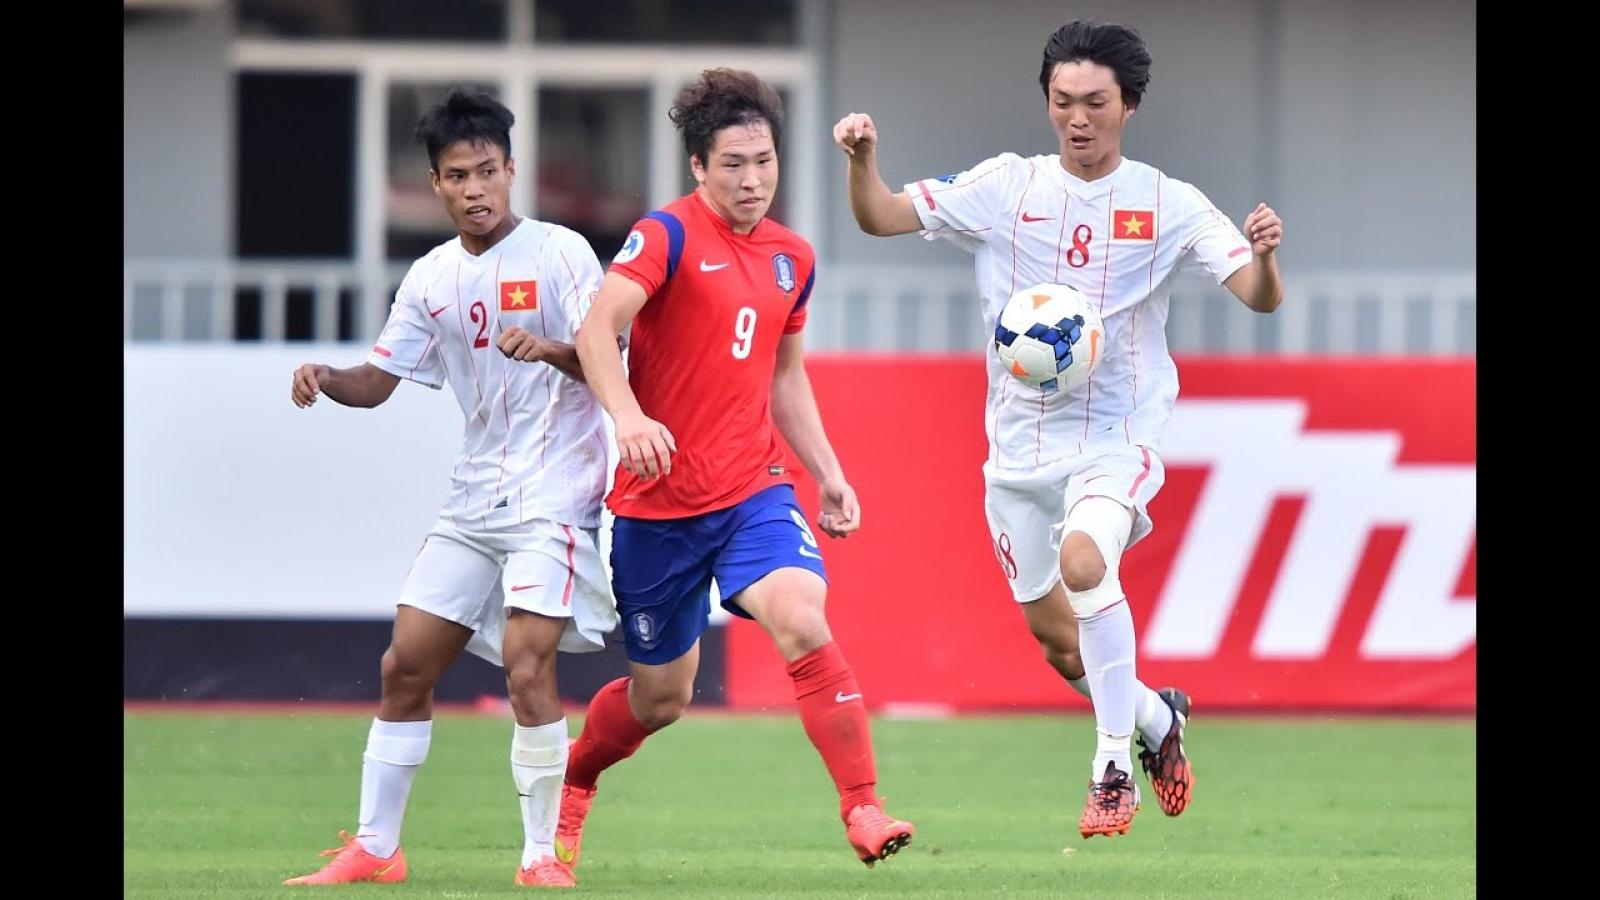 """Ngày này năm xưa: Công Phượng, Tuấn Anh cùng U19 Việt Nam """"thảm bại"""" trước Hàn Quốc"""